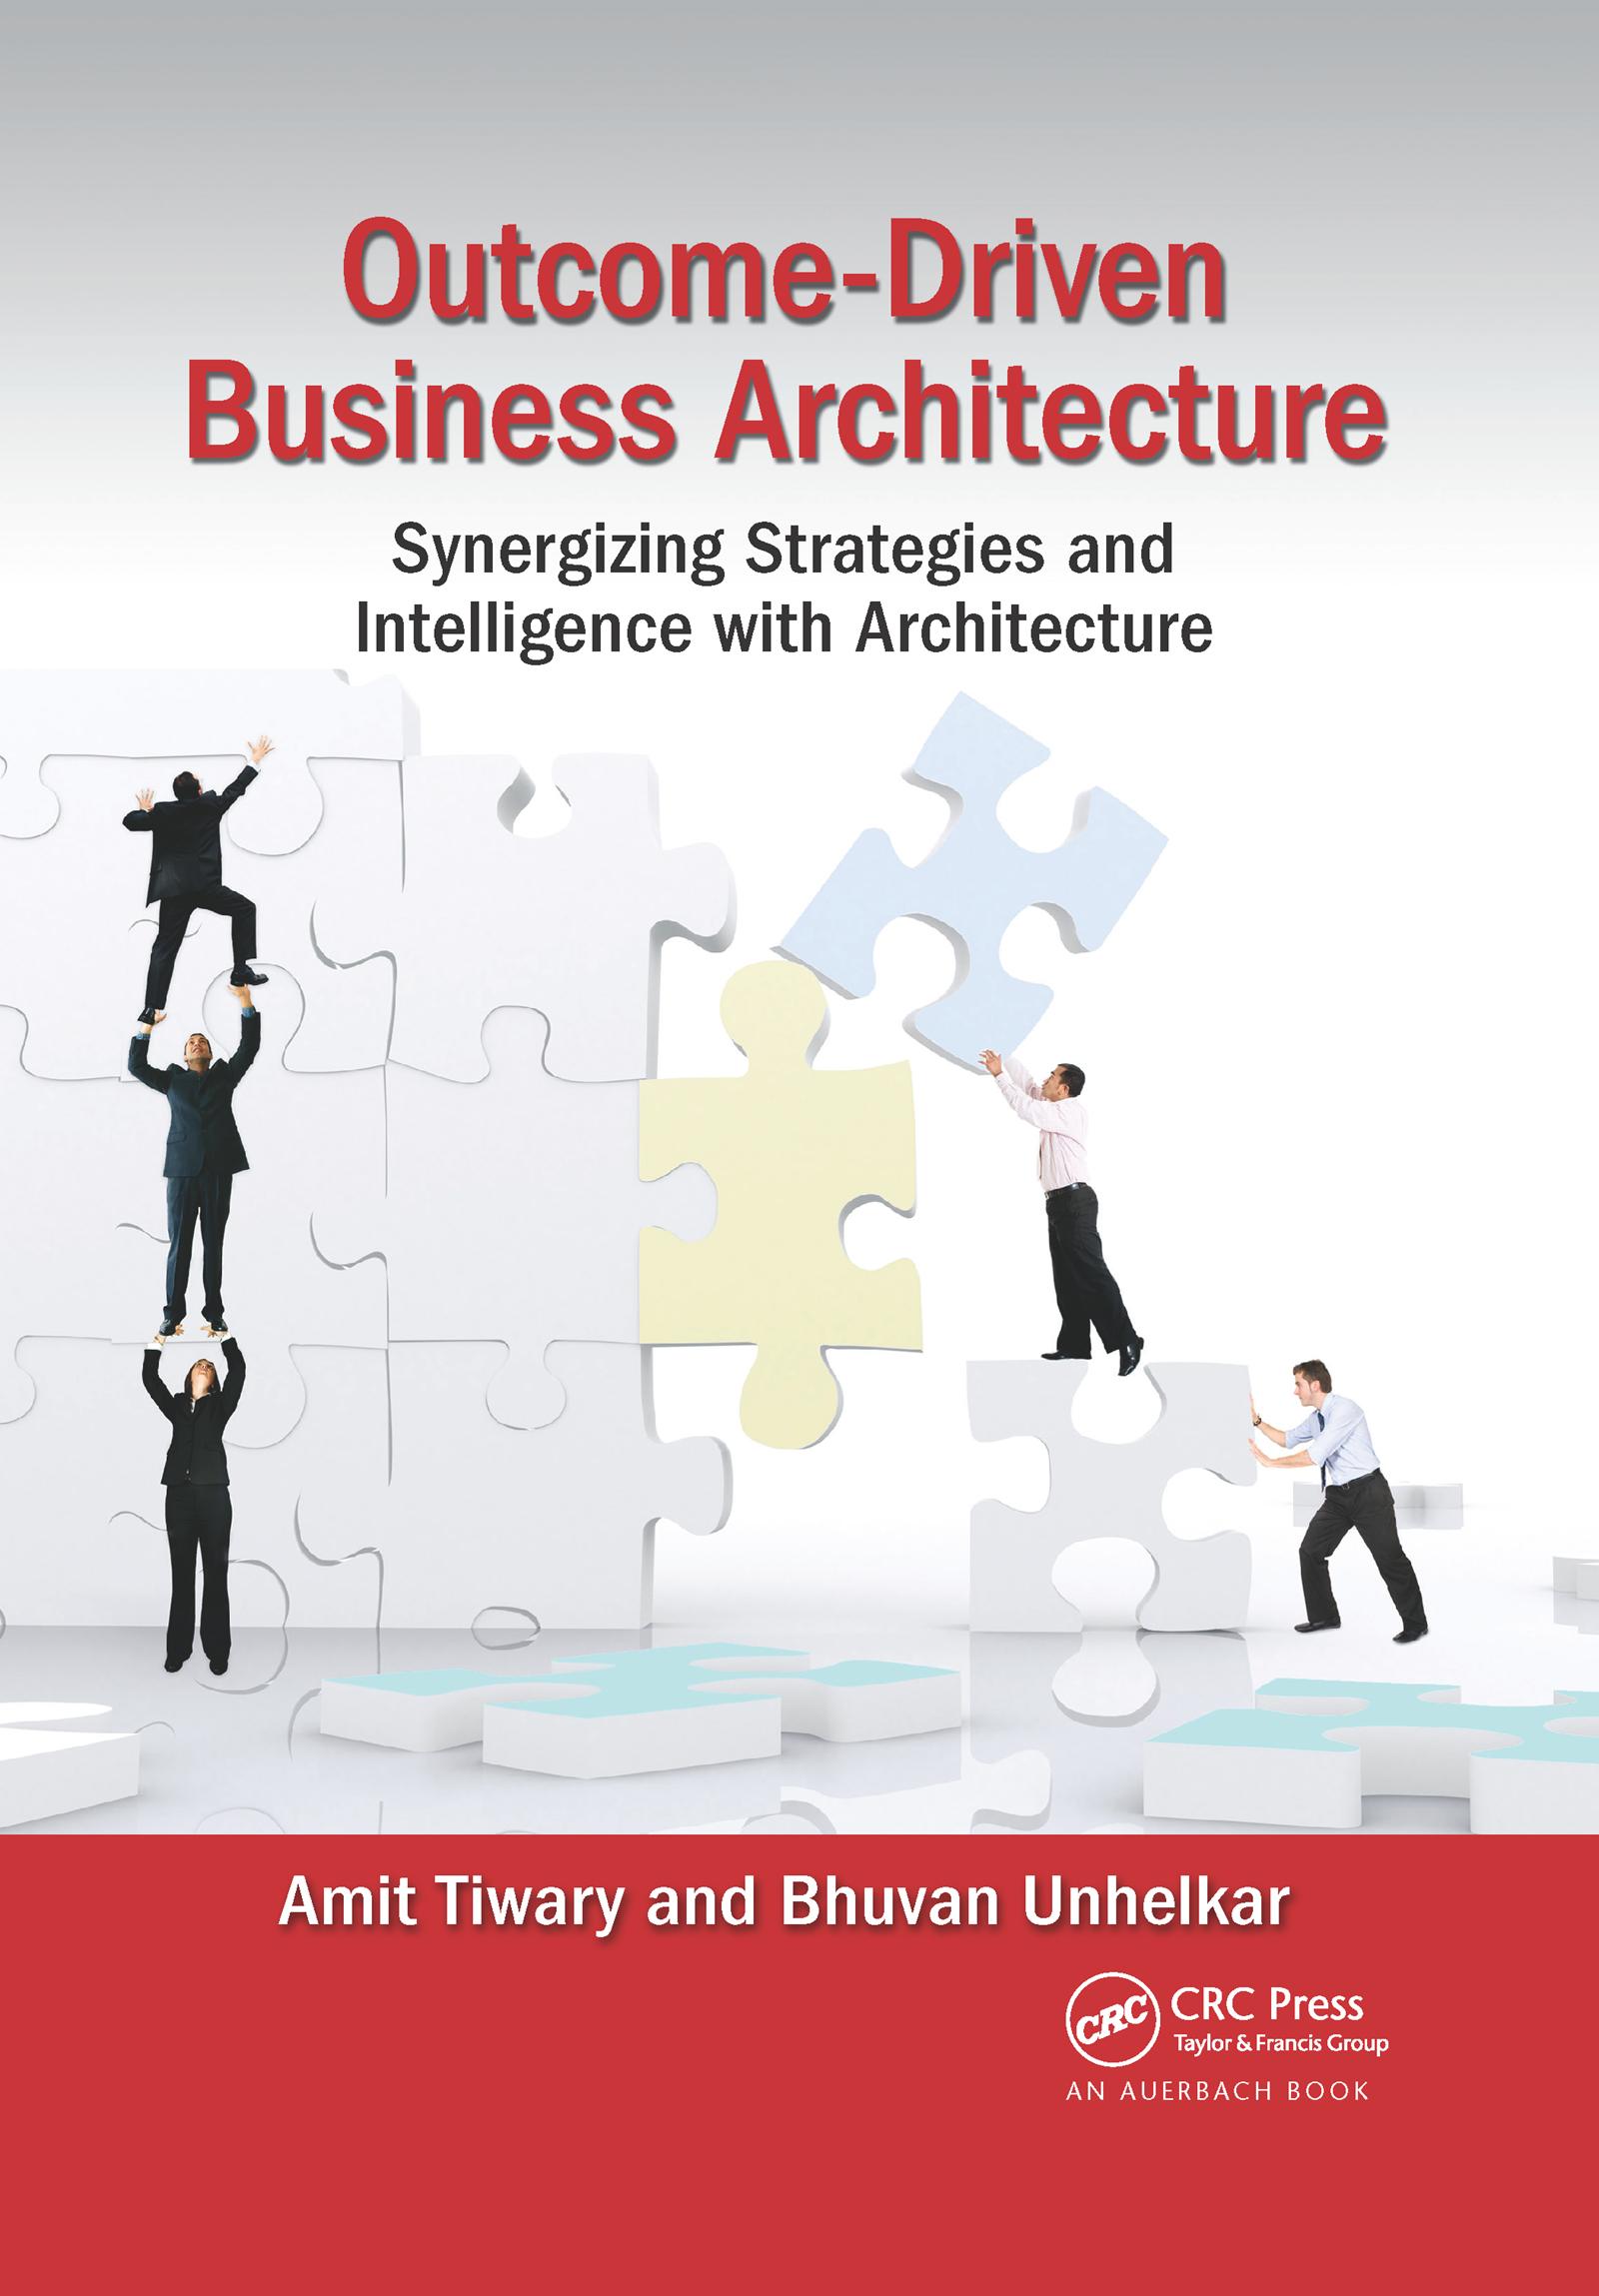 Outcome-Driven Business Architecture